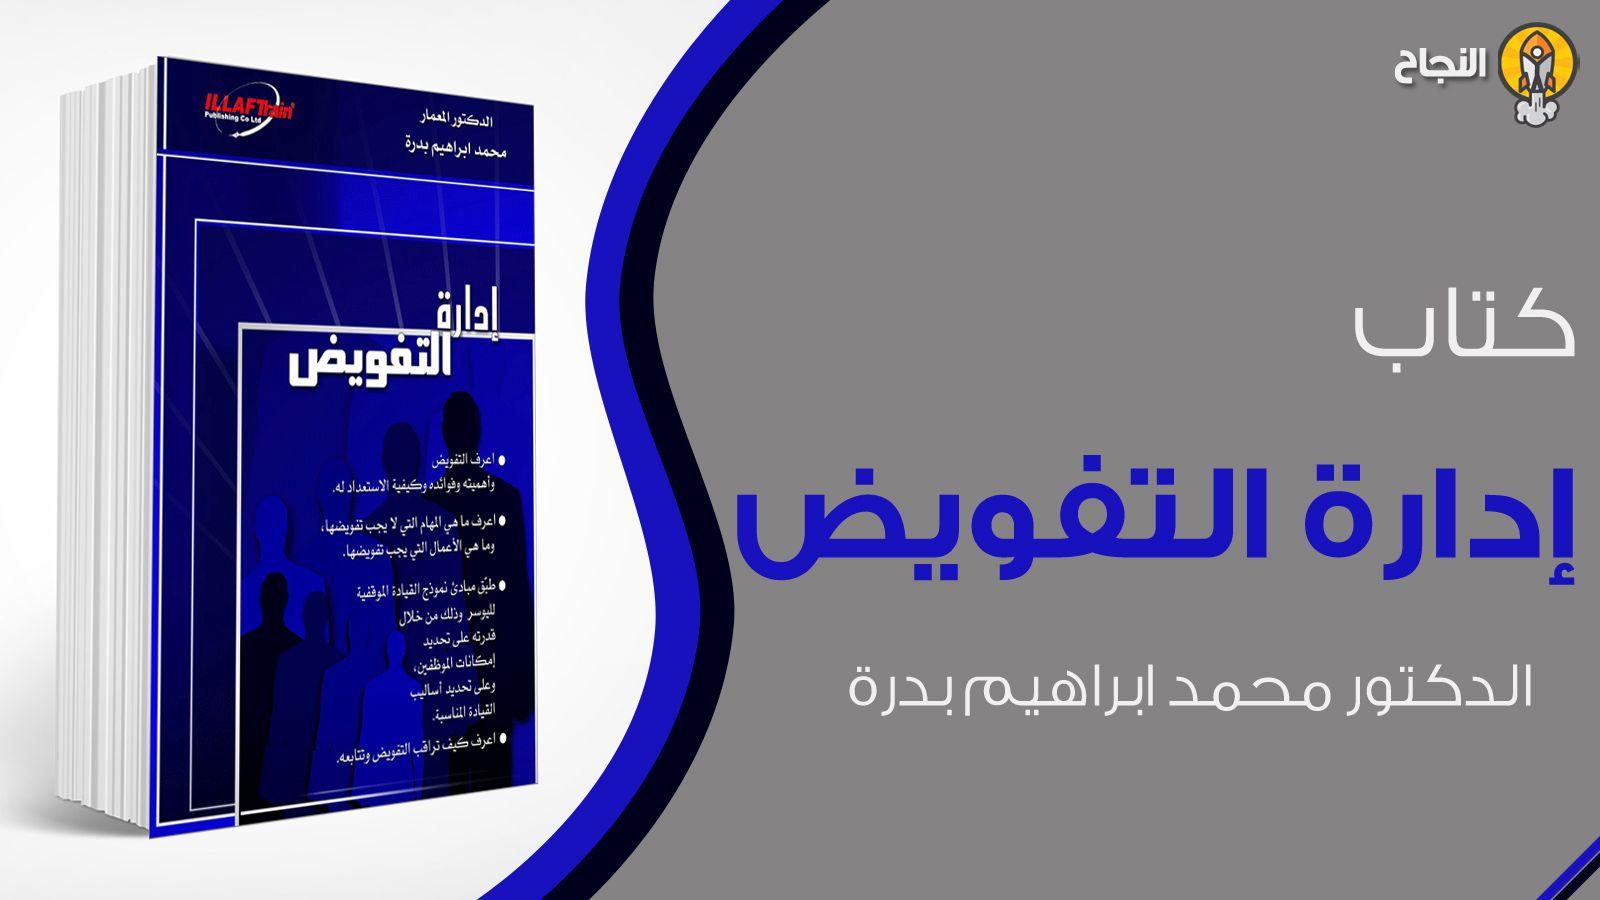 ملخص كتاب إدارة التفويض للدكتور محمد ابراهيم بدرة 2 Samsung Galaxy Phone Galaxy Phone Samsung Galaxy